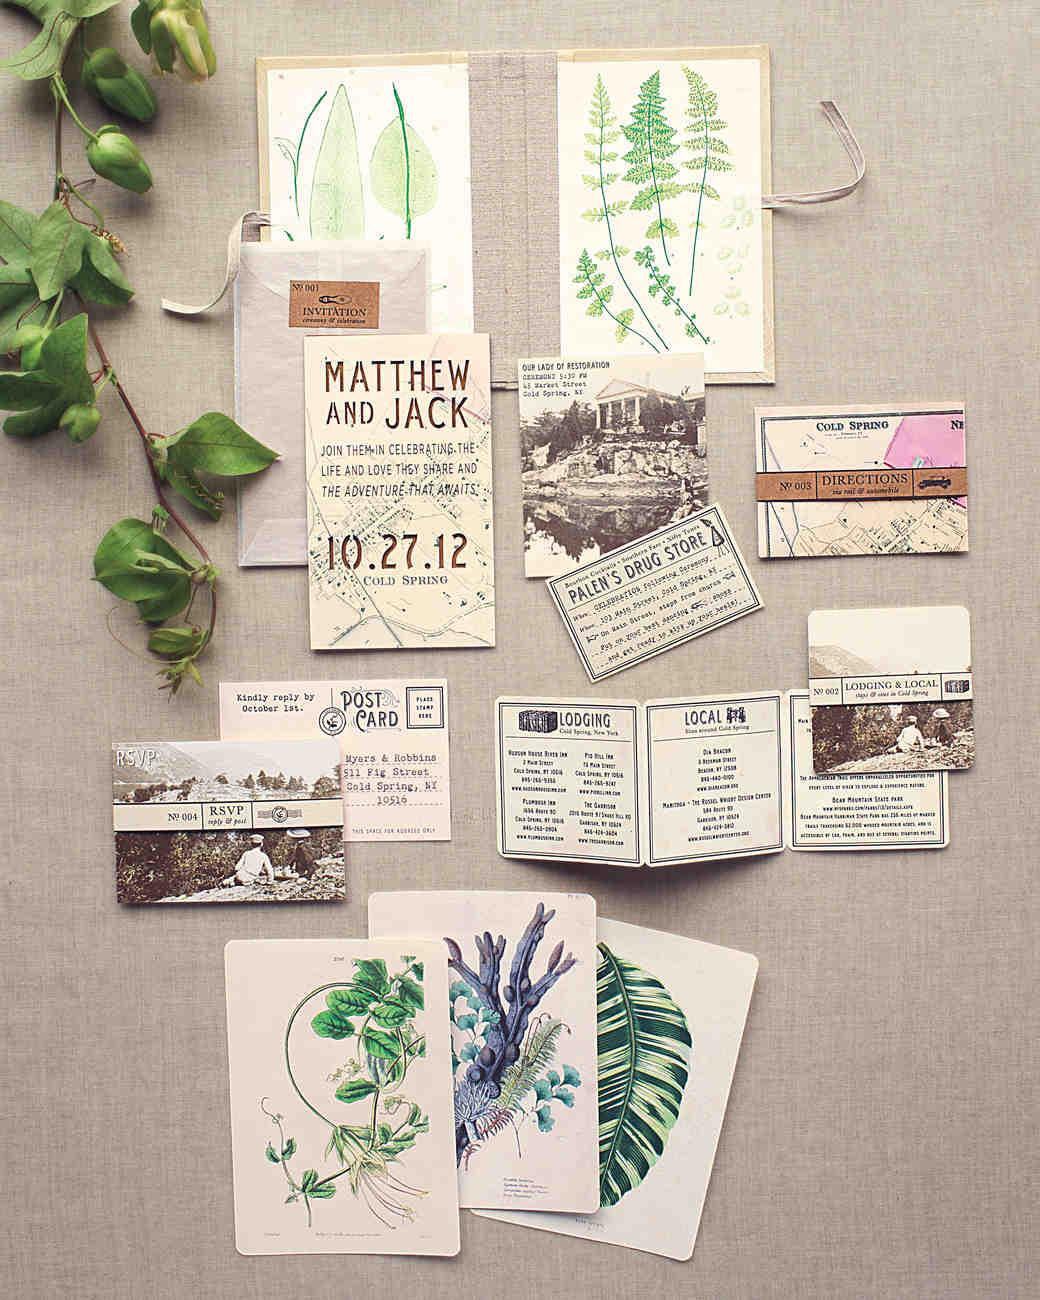 matthew-jack-invitations-0189-mwd109591.jpg